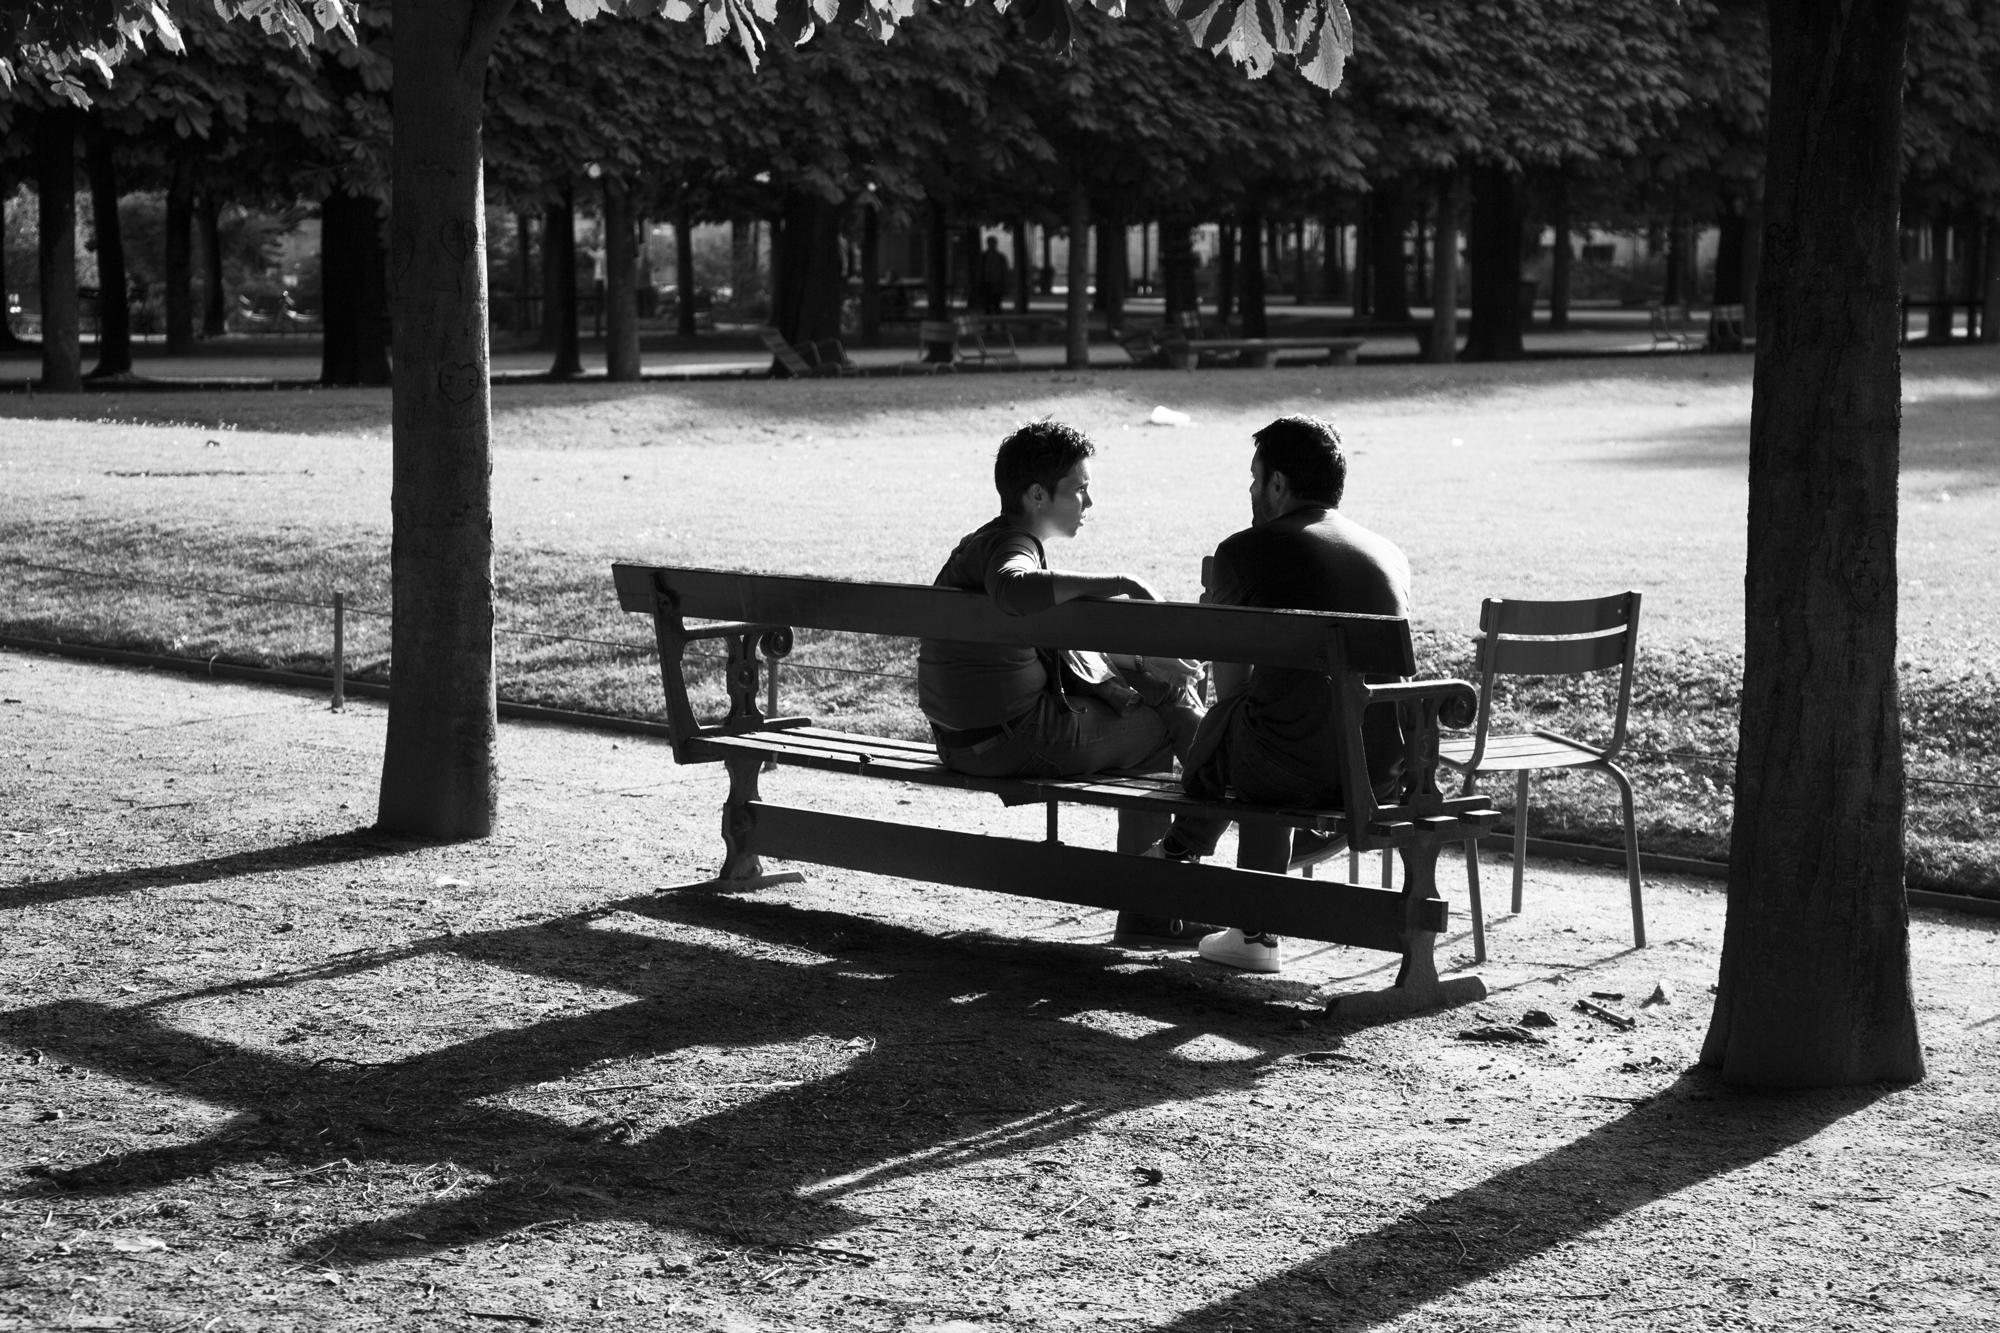 """""""House of lights"""" - Jardin des Tuileries"""", Paris (2017). © Clémence Rougetet"""